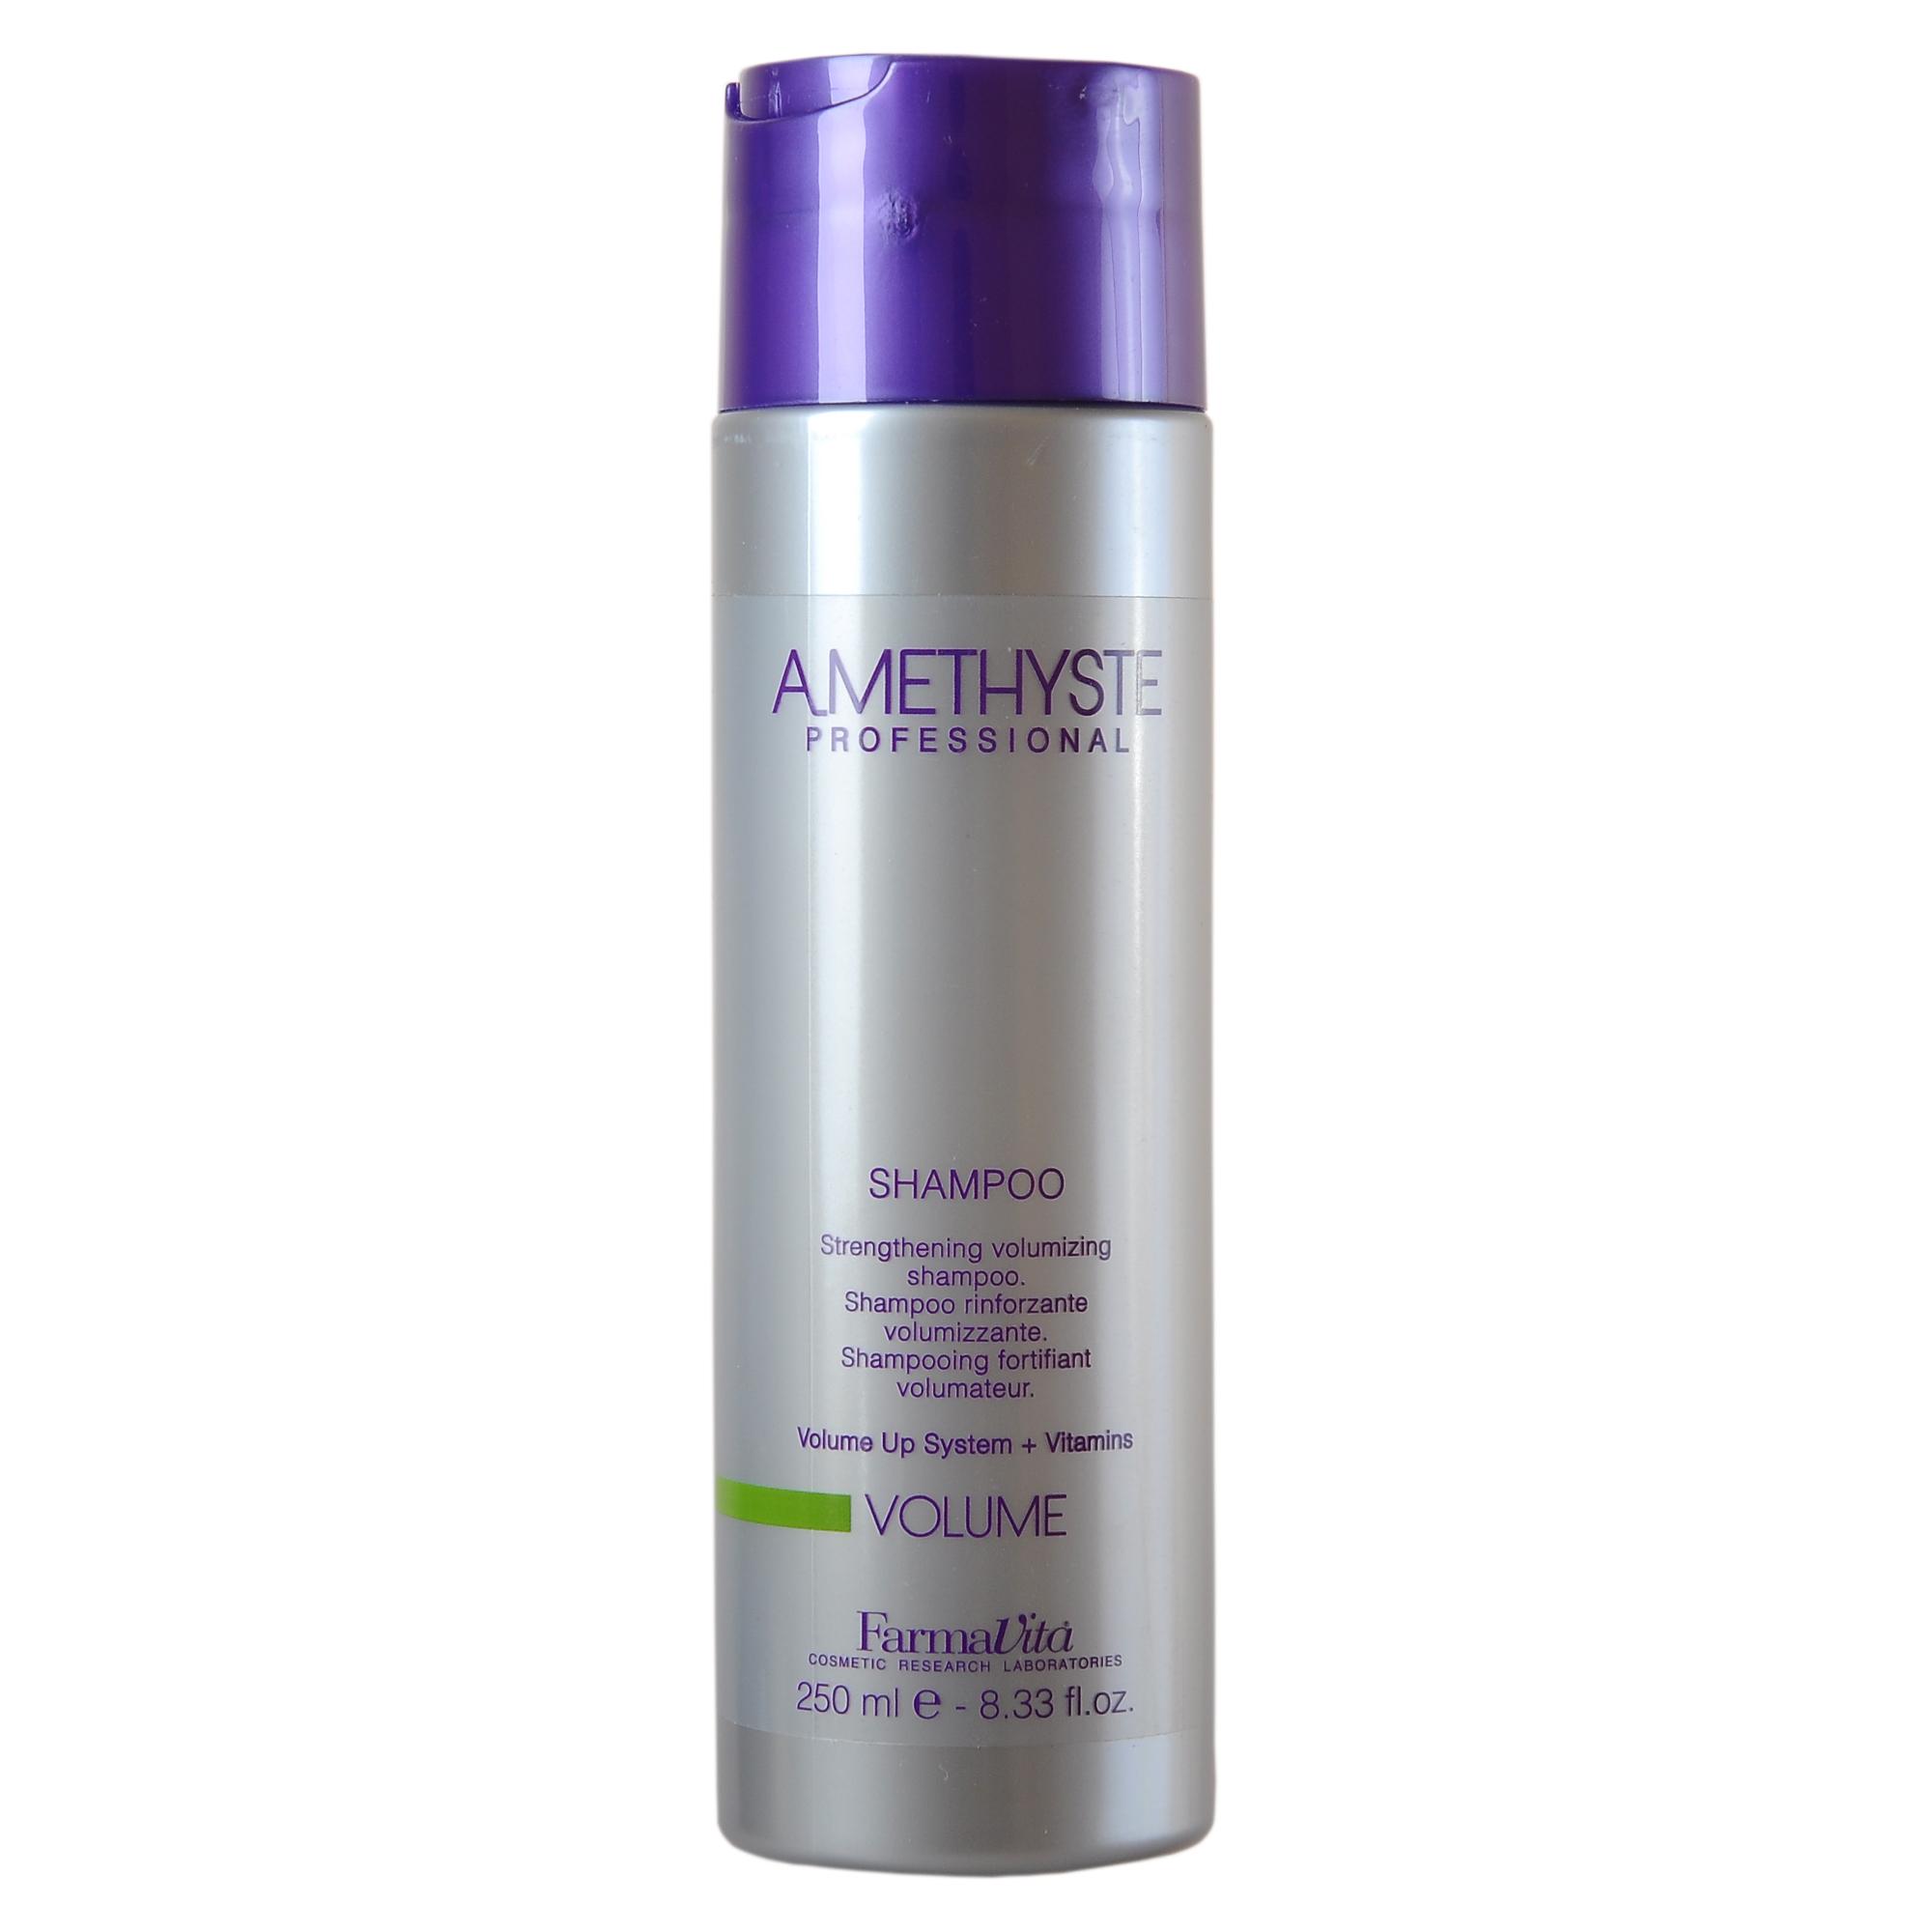 FARMAVITA Шампунь для объема Amethyste volume shampoo / AMETHYSTE PROFESSIONAL 250 мл